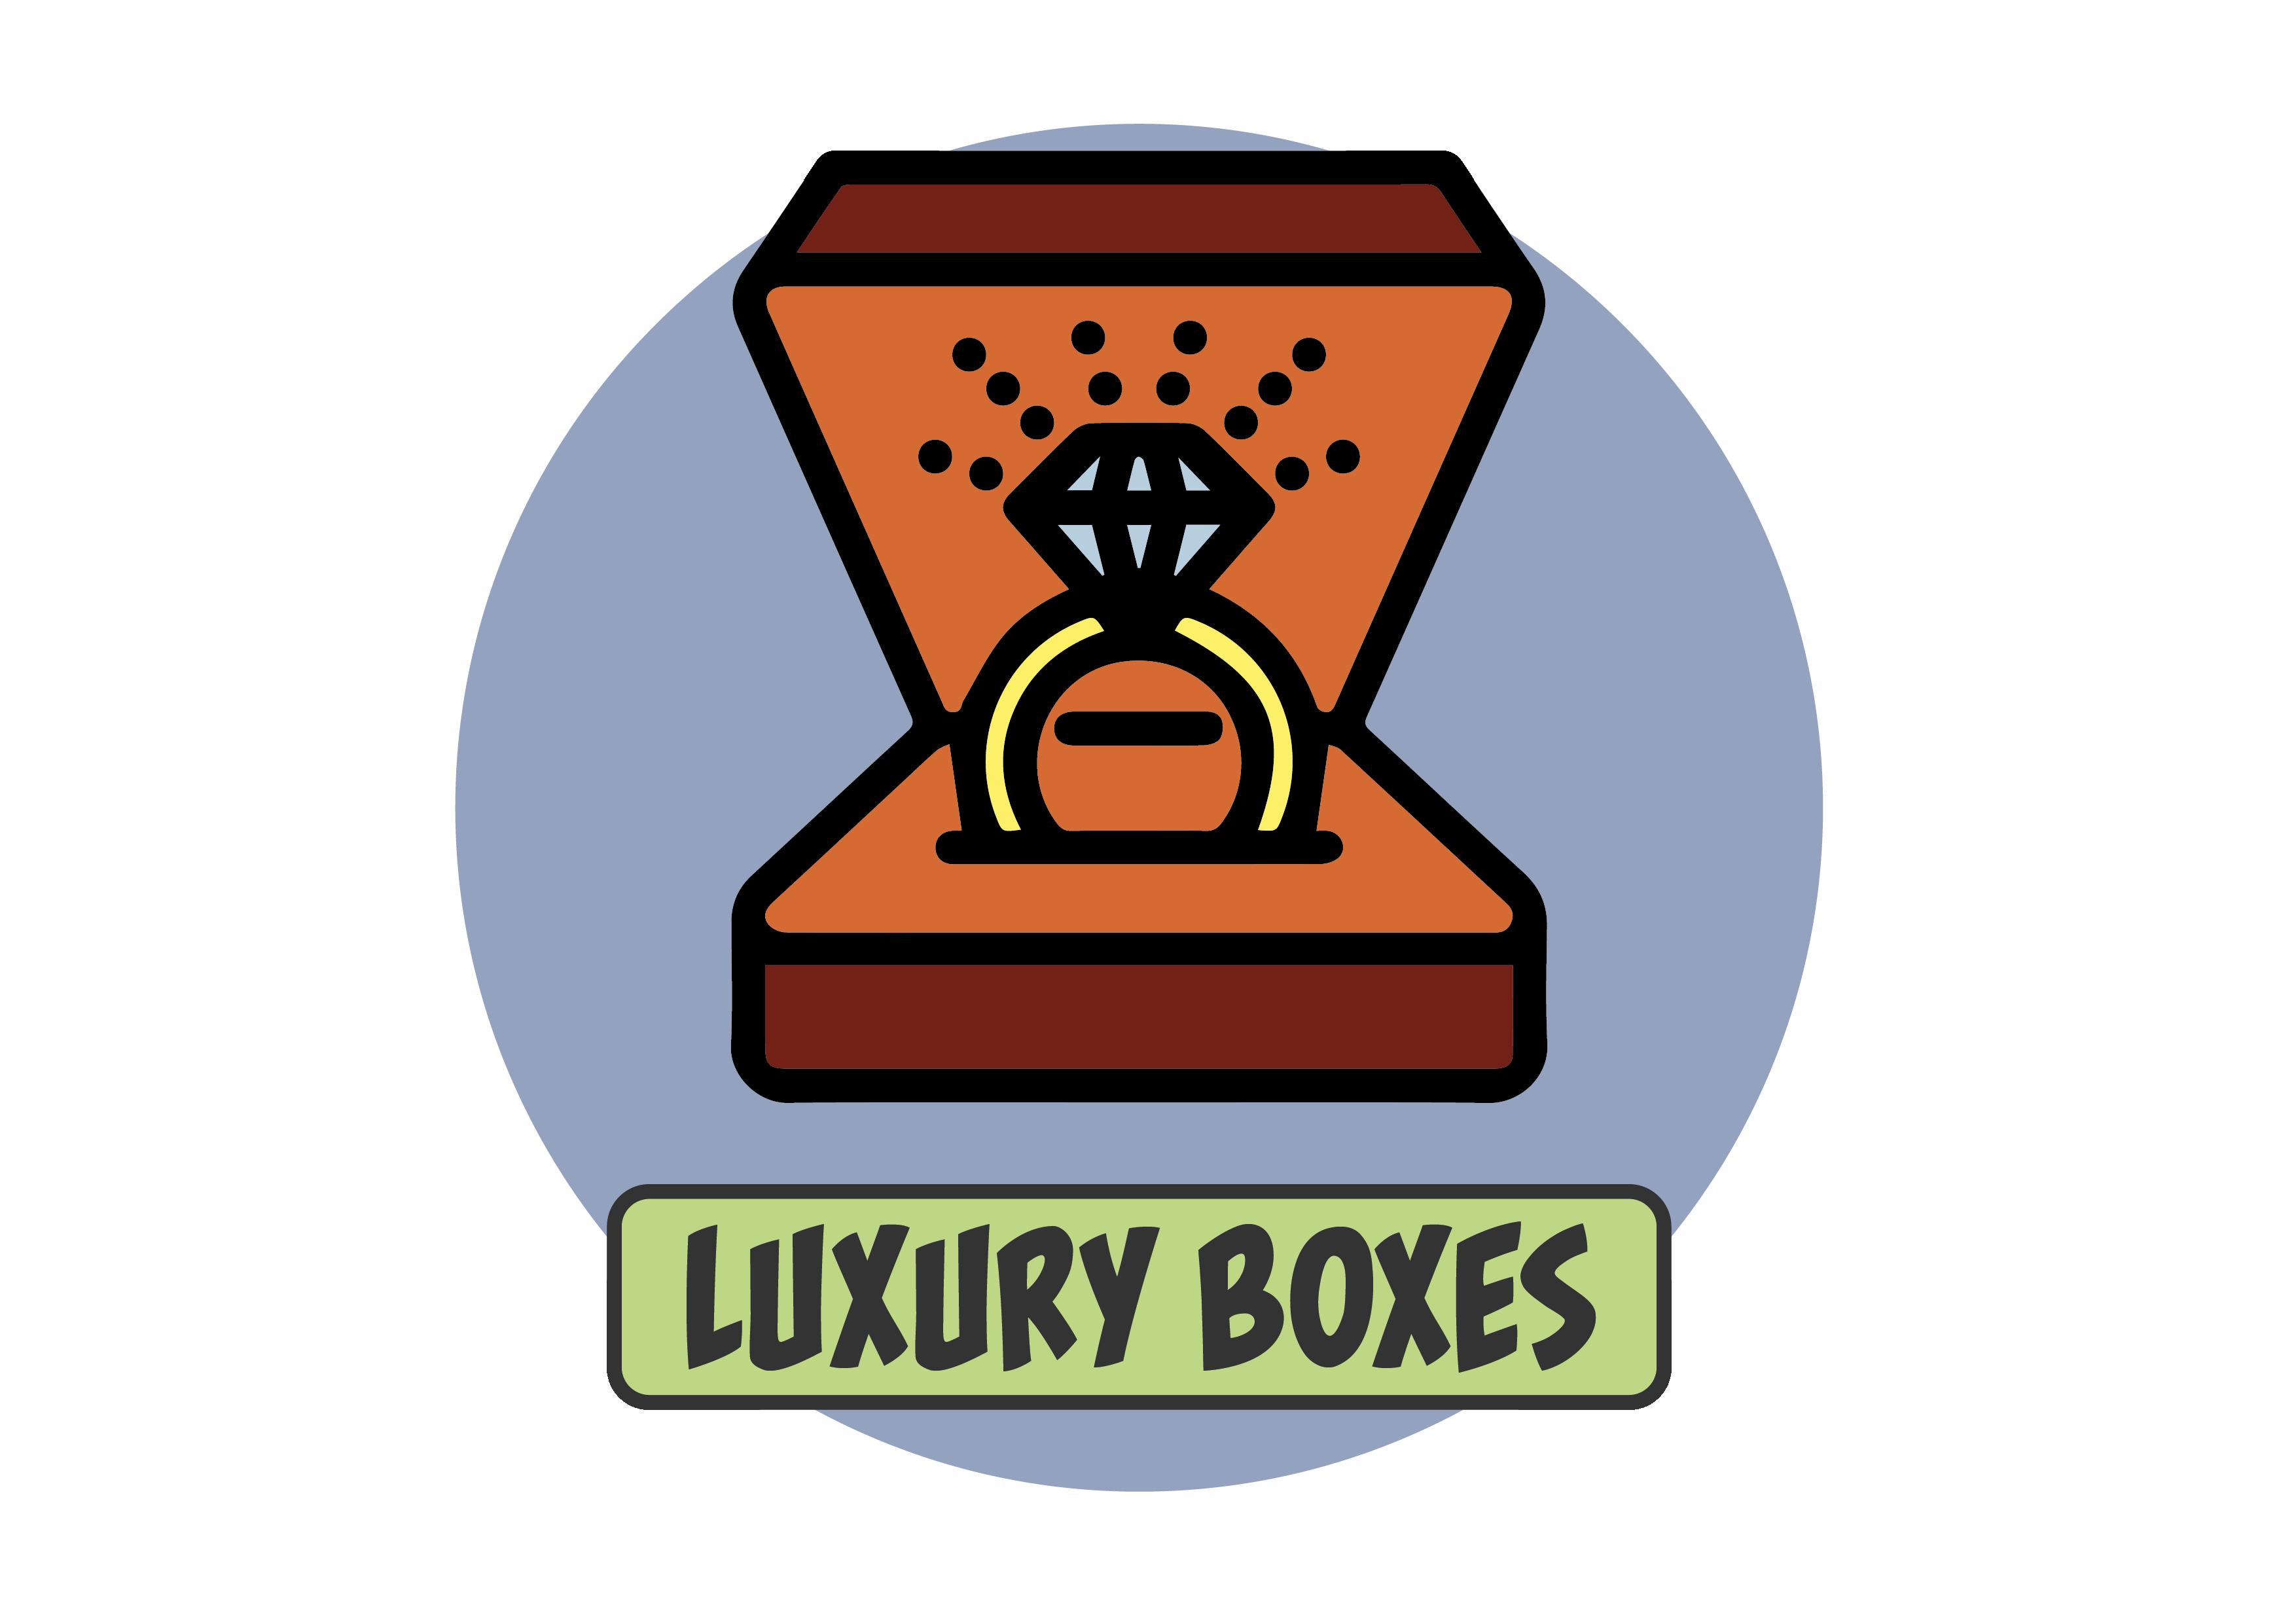 luxury boxes-01